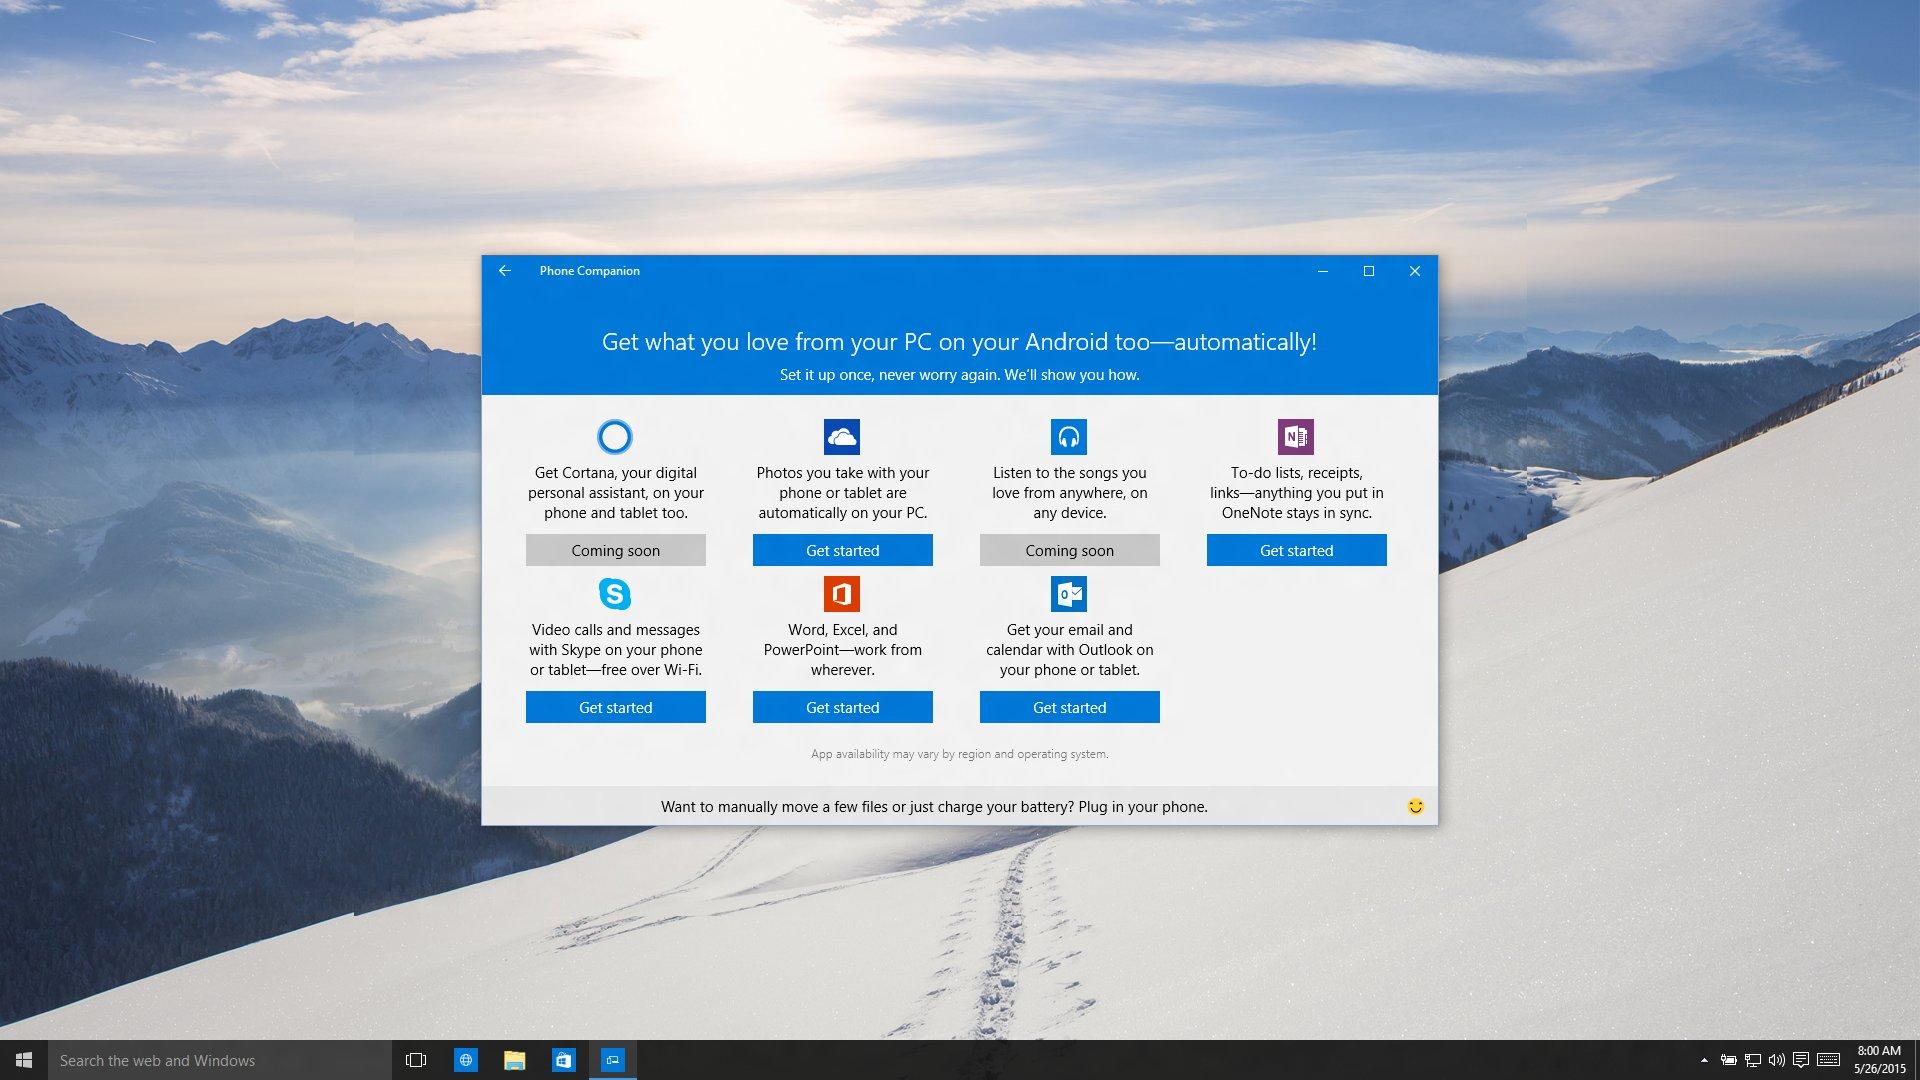 Die Companion-App installiert im Wesentlichen Apps von Microsoft